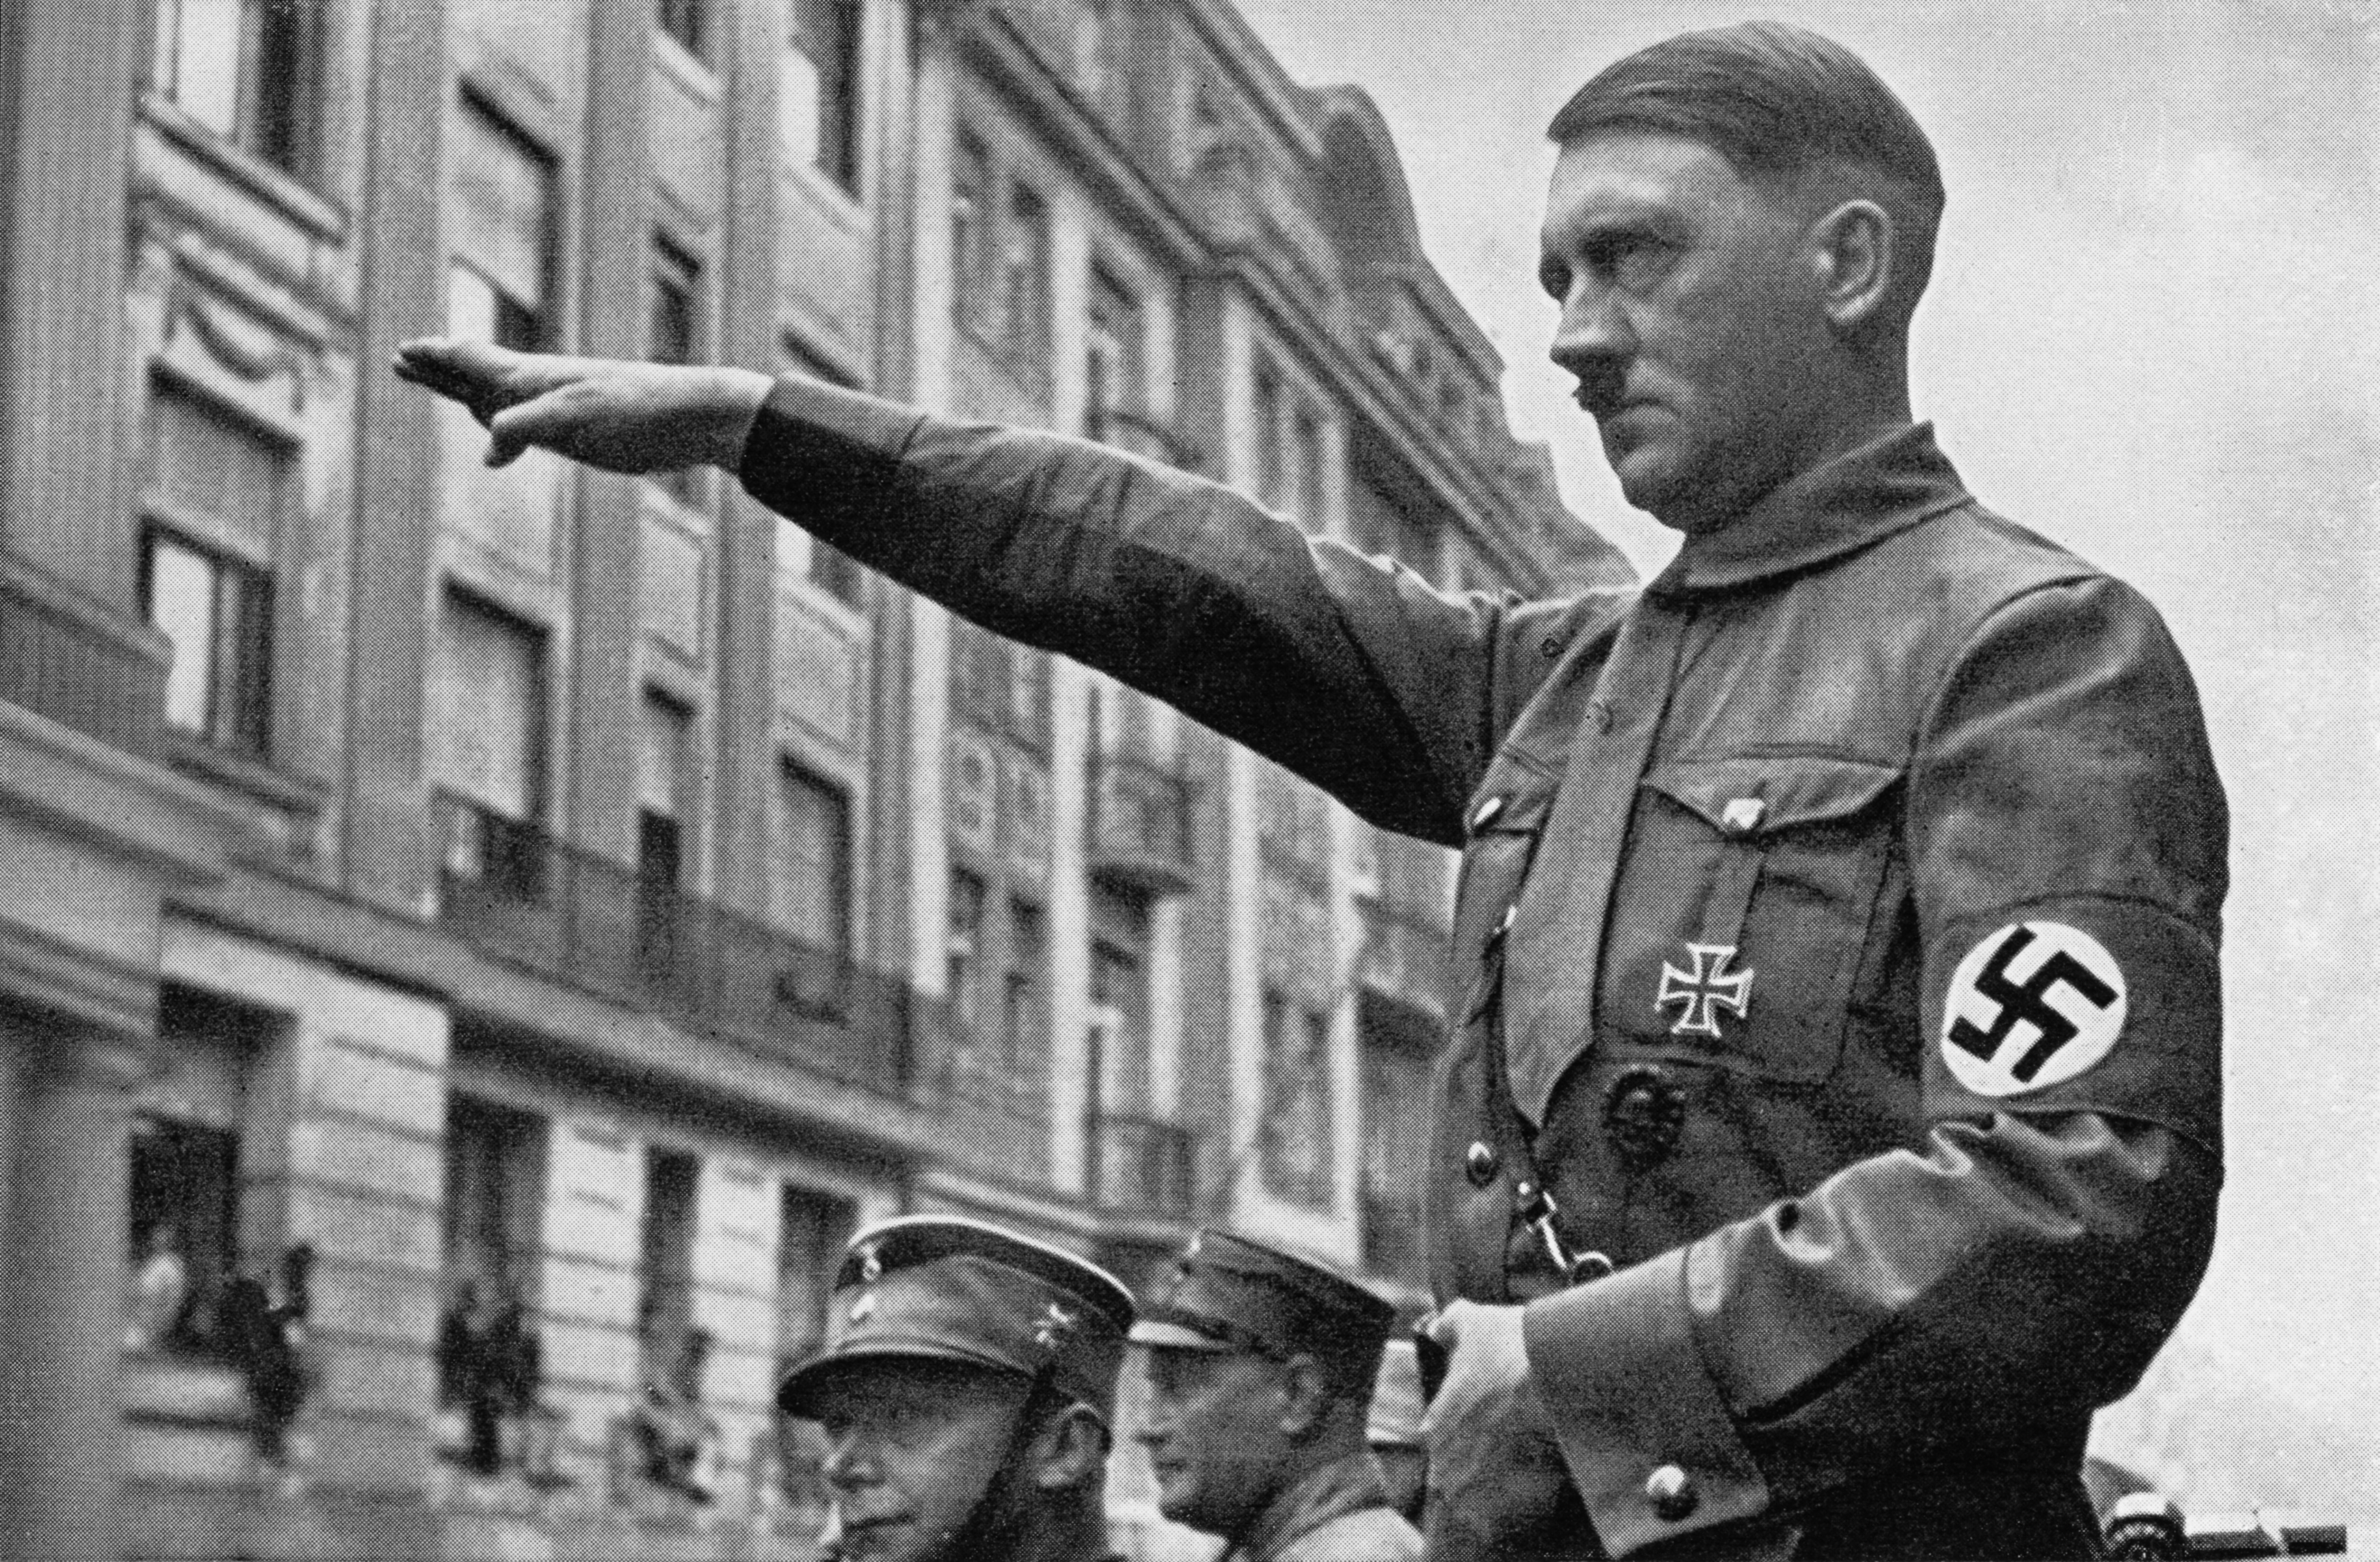 Un bărbat care susține că este ultima rudă în viață a lui Hitler, arestat pentru pedofilie